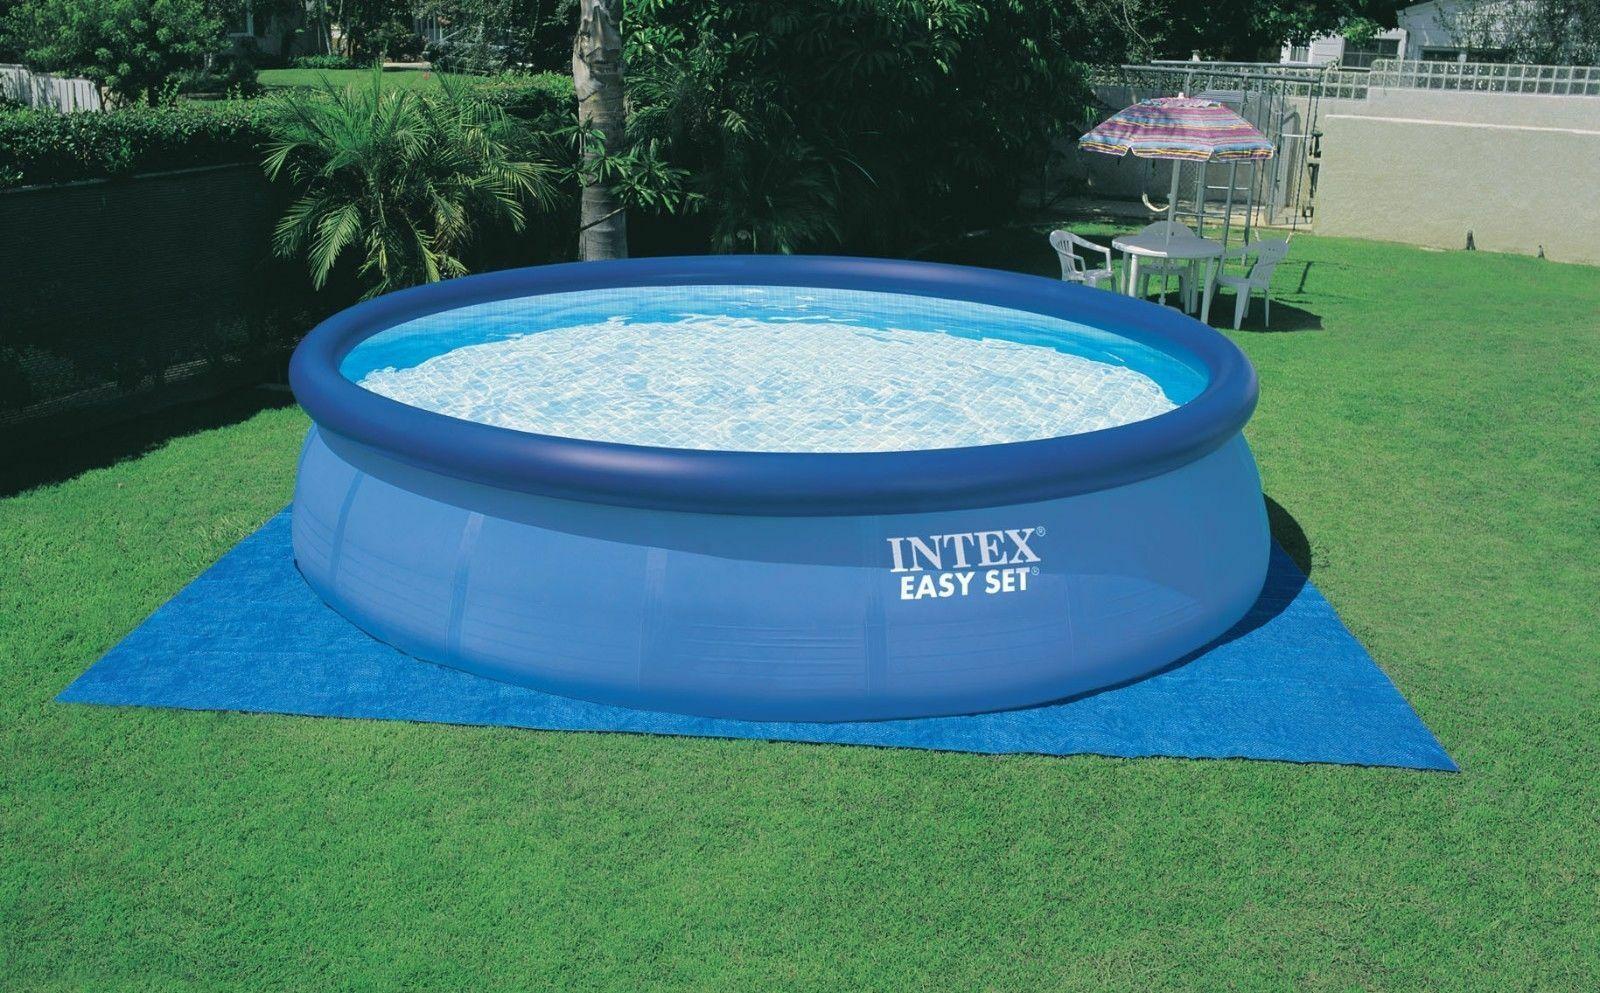 Какой бассейн лучше каркасный или надувной: отзывы, фото / эксплуатация конструкции с водой